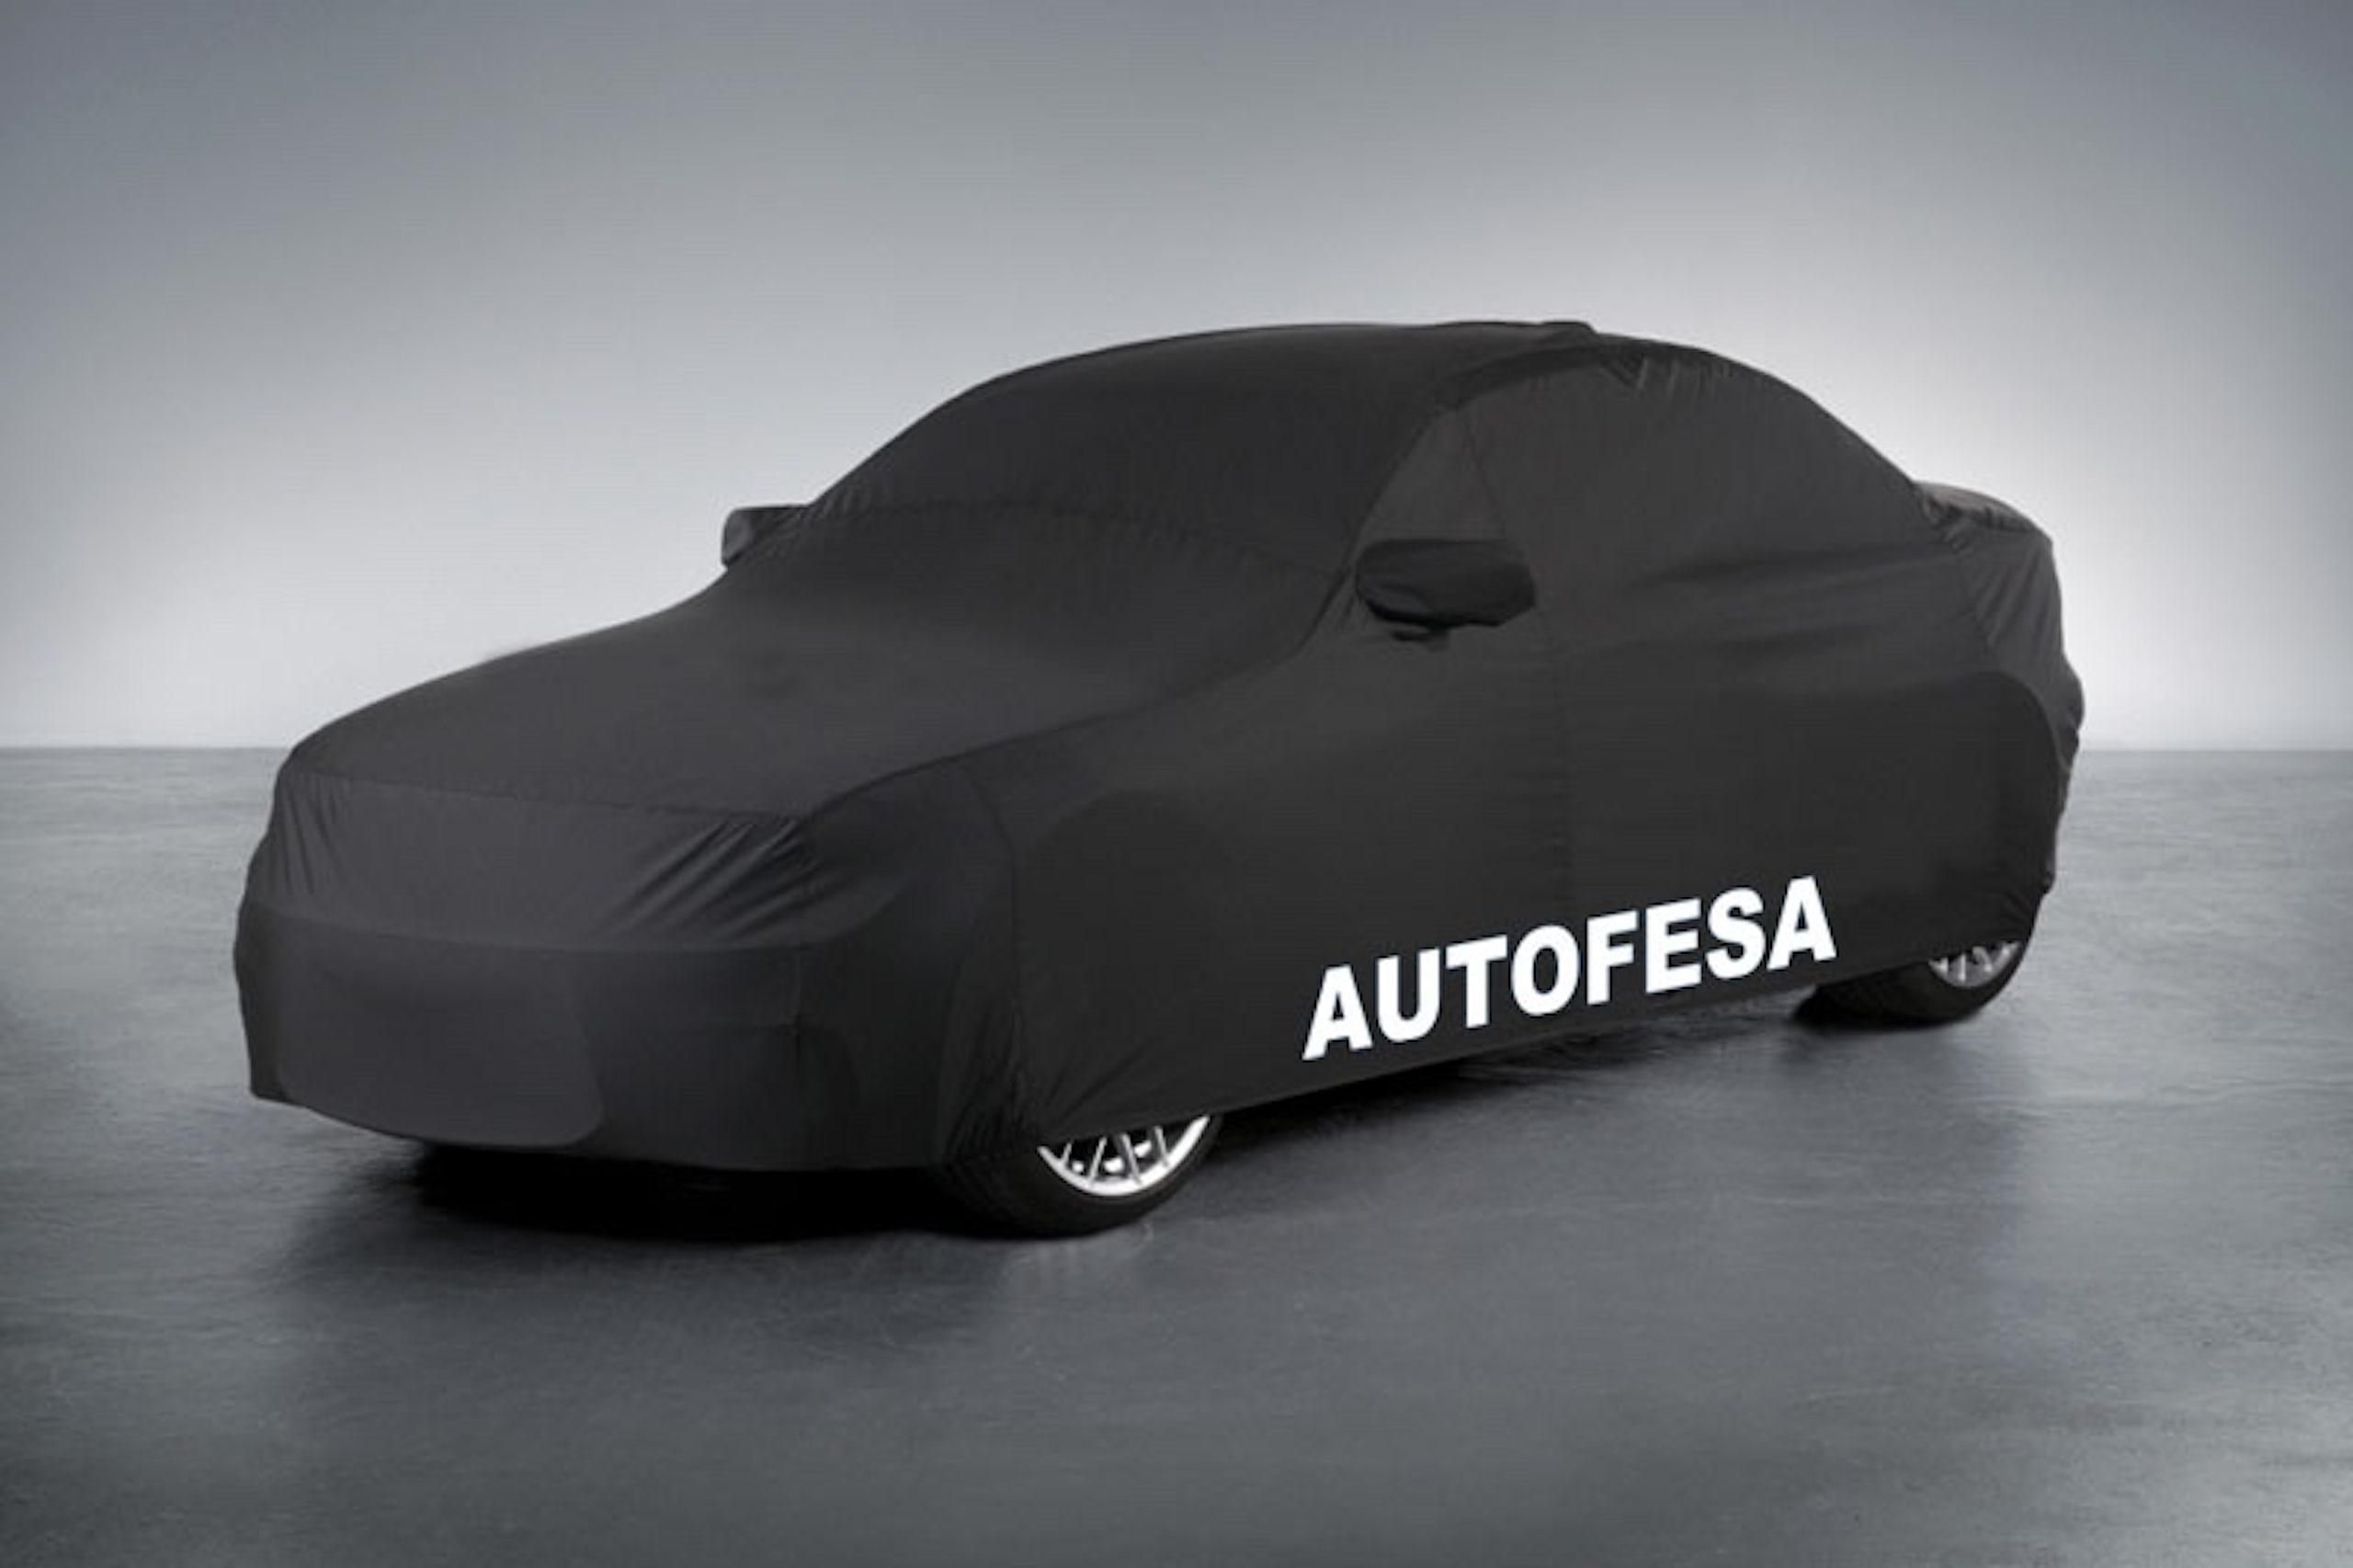 Audi A4 Avant 2.0 TDI 190cv quattro 5p S tronic Auto S/S - Foto 26